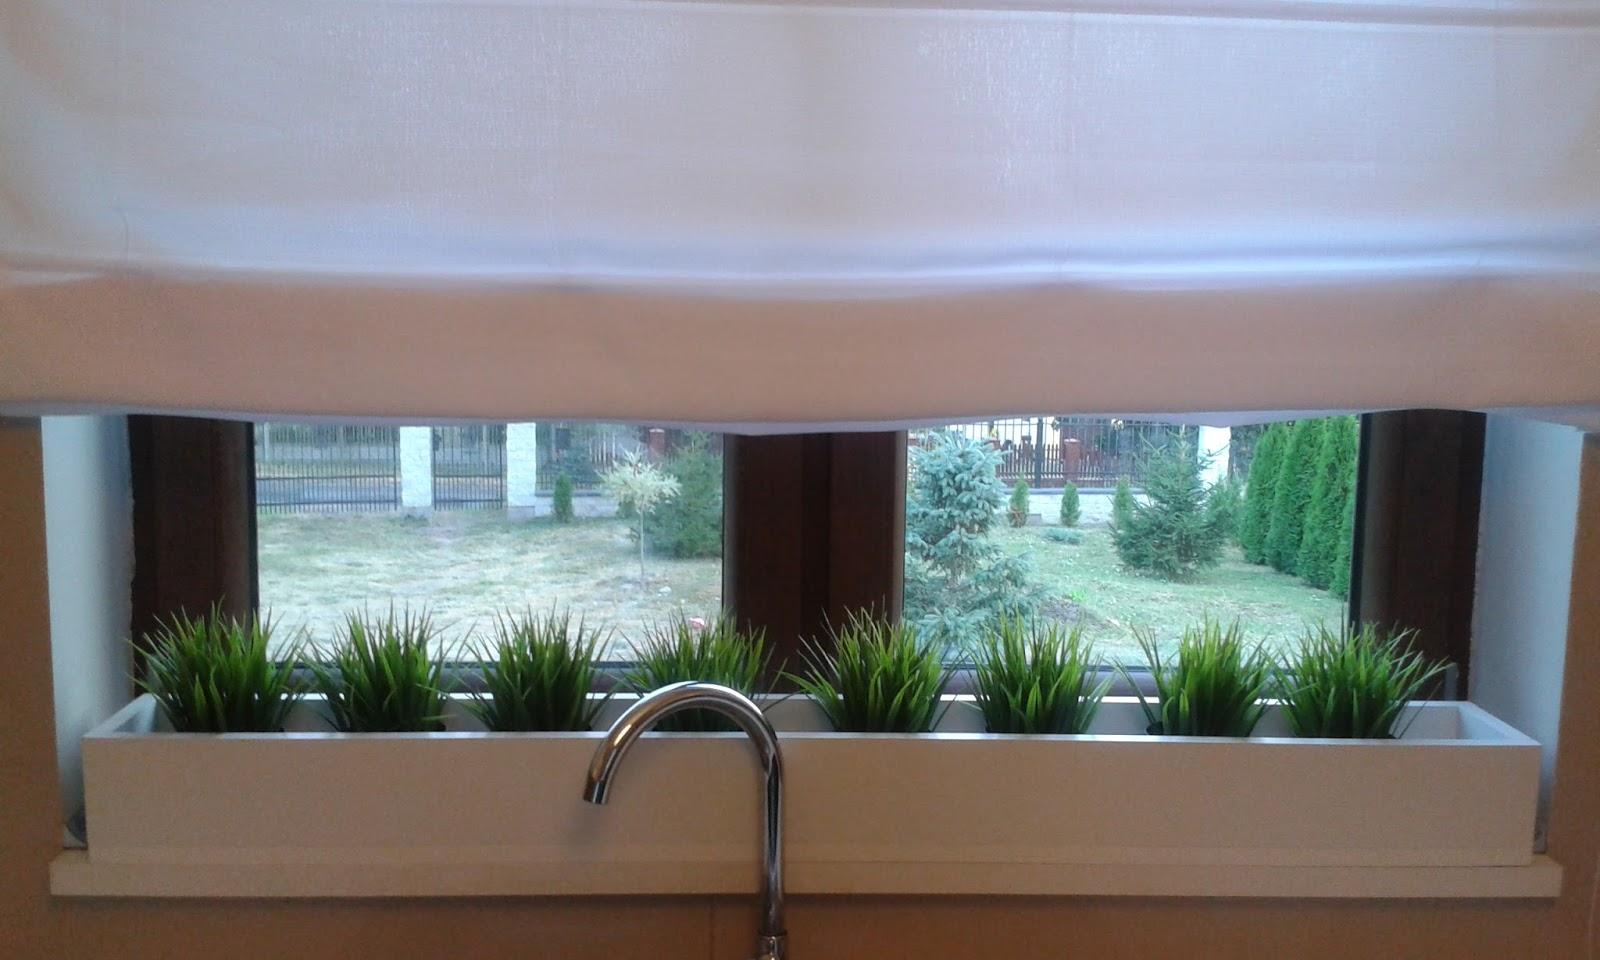 dekoracja okna w kuchni roleta rzymska nowoczesna